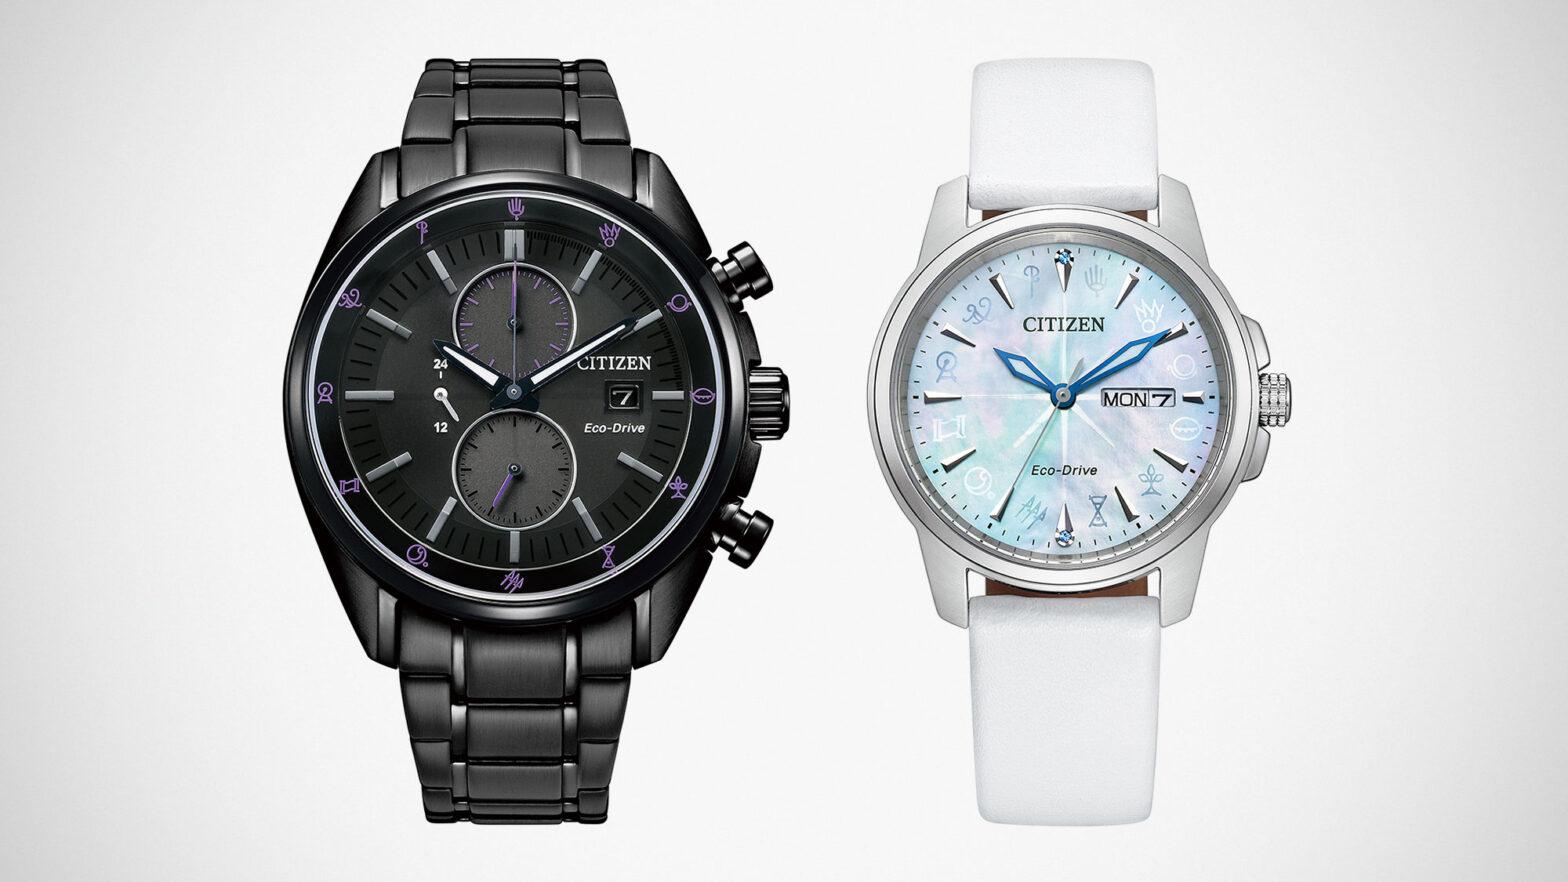 Citizen x Final Fantasy XIV Wrist Watch